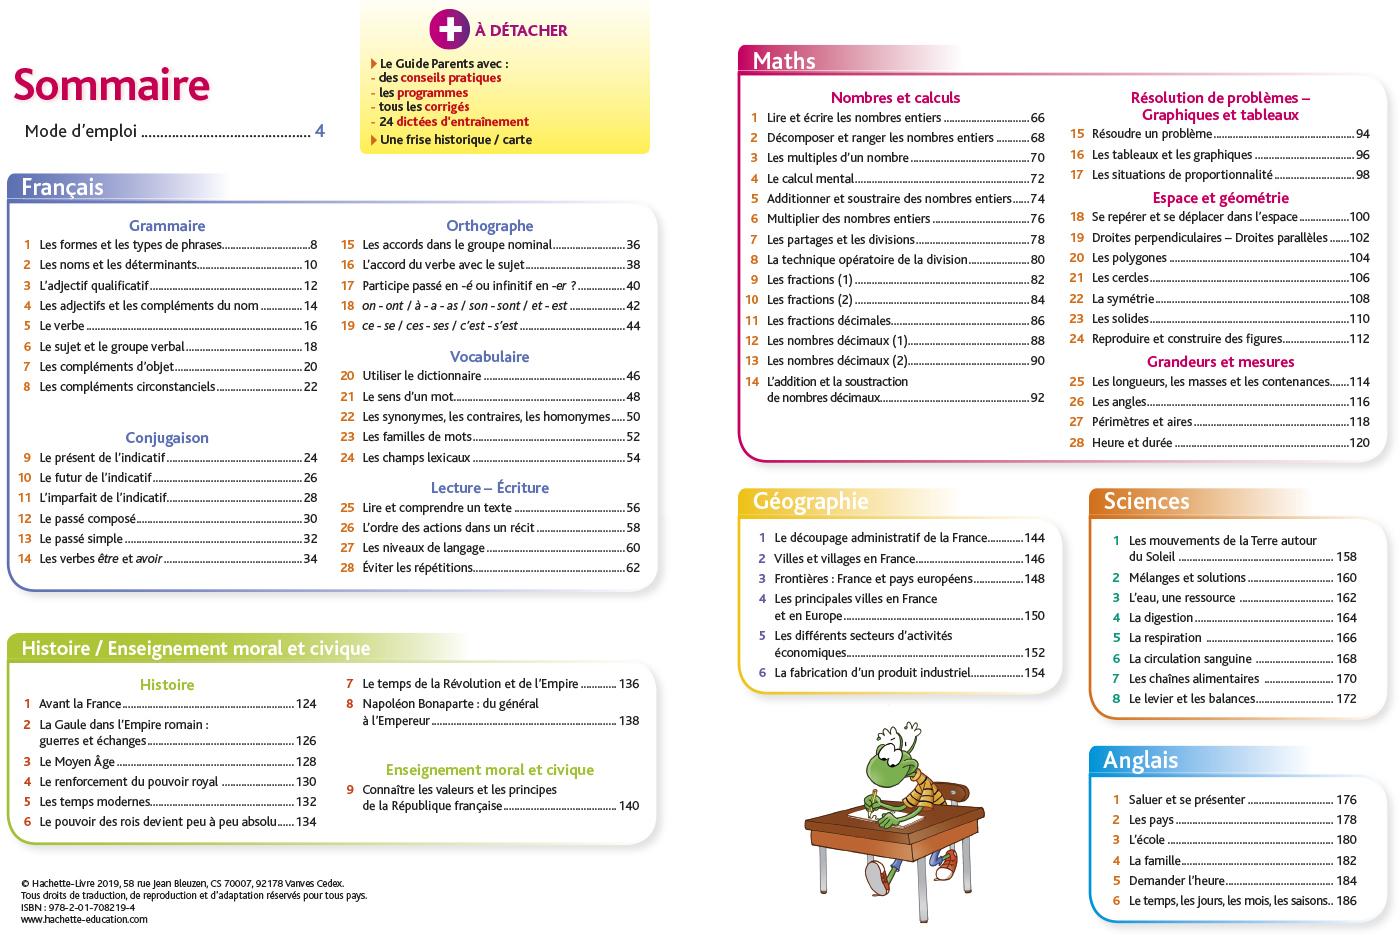 Pour Comprendre Toutes Les Matières Cm1 | Hachette Éducation - Enseignants dedans Leçon Respiration Cm1